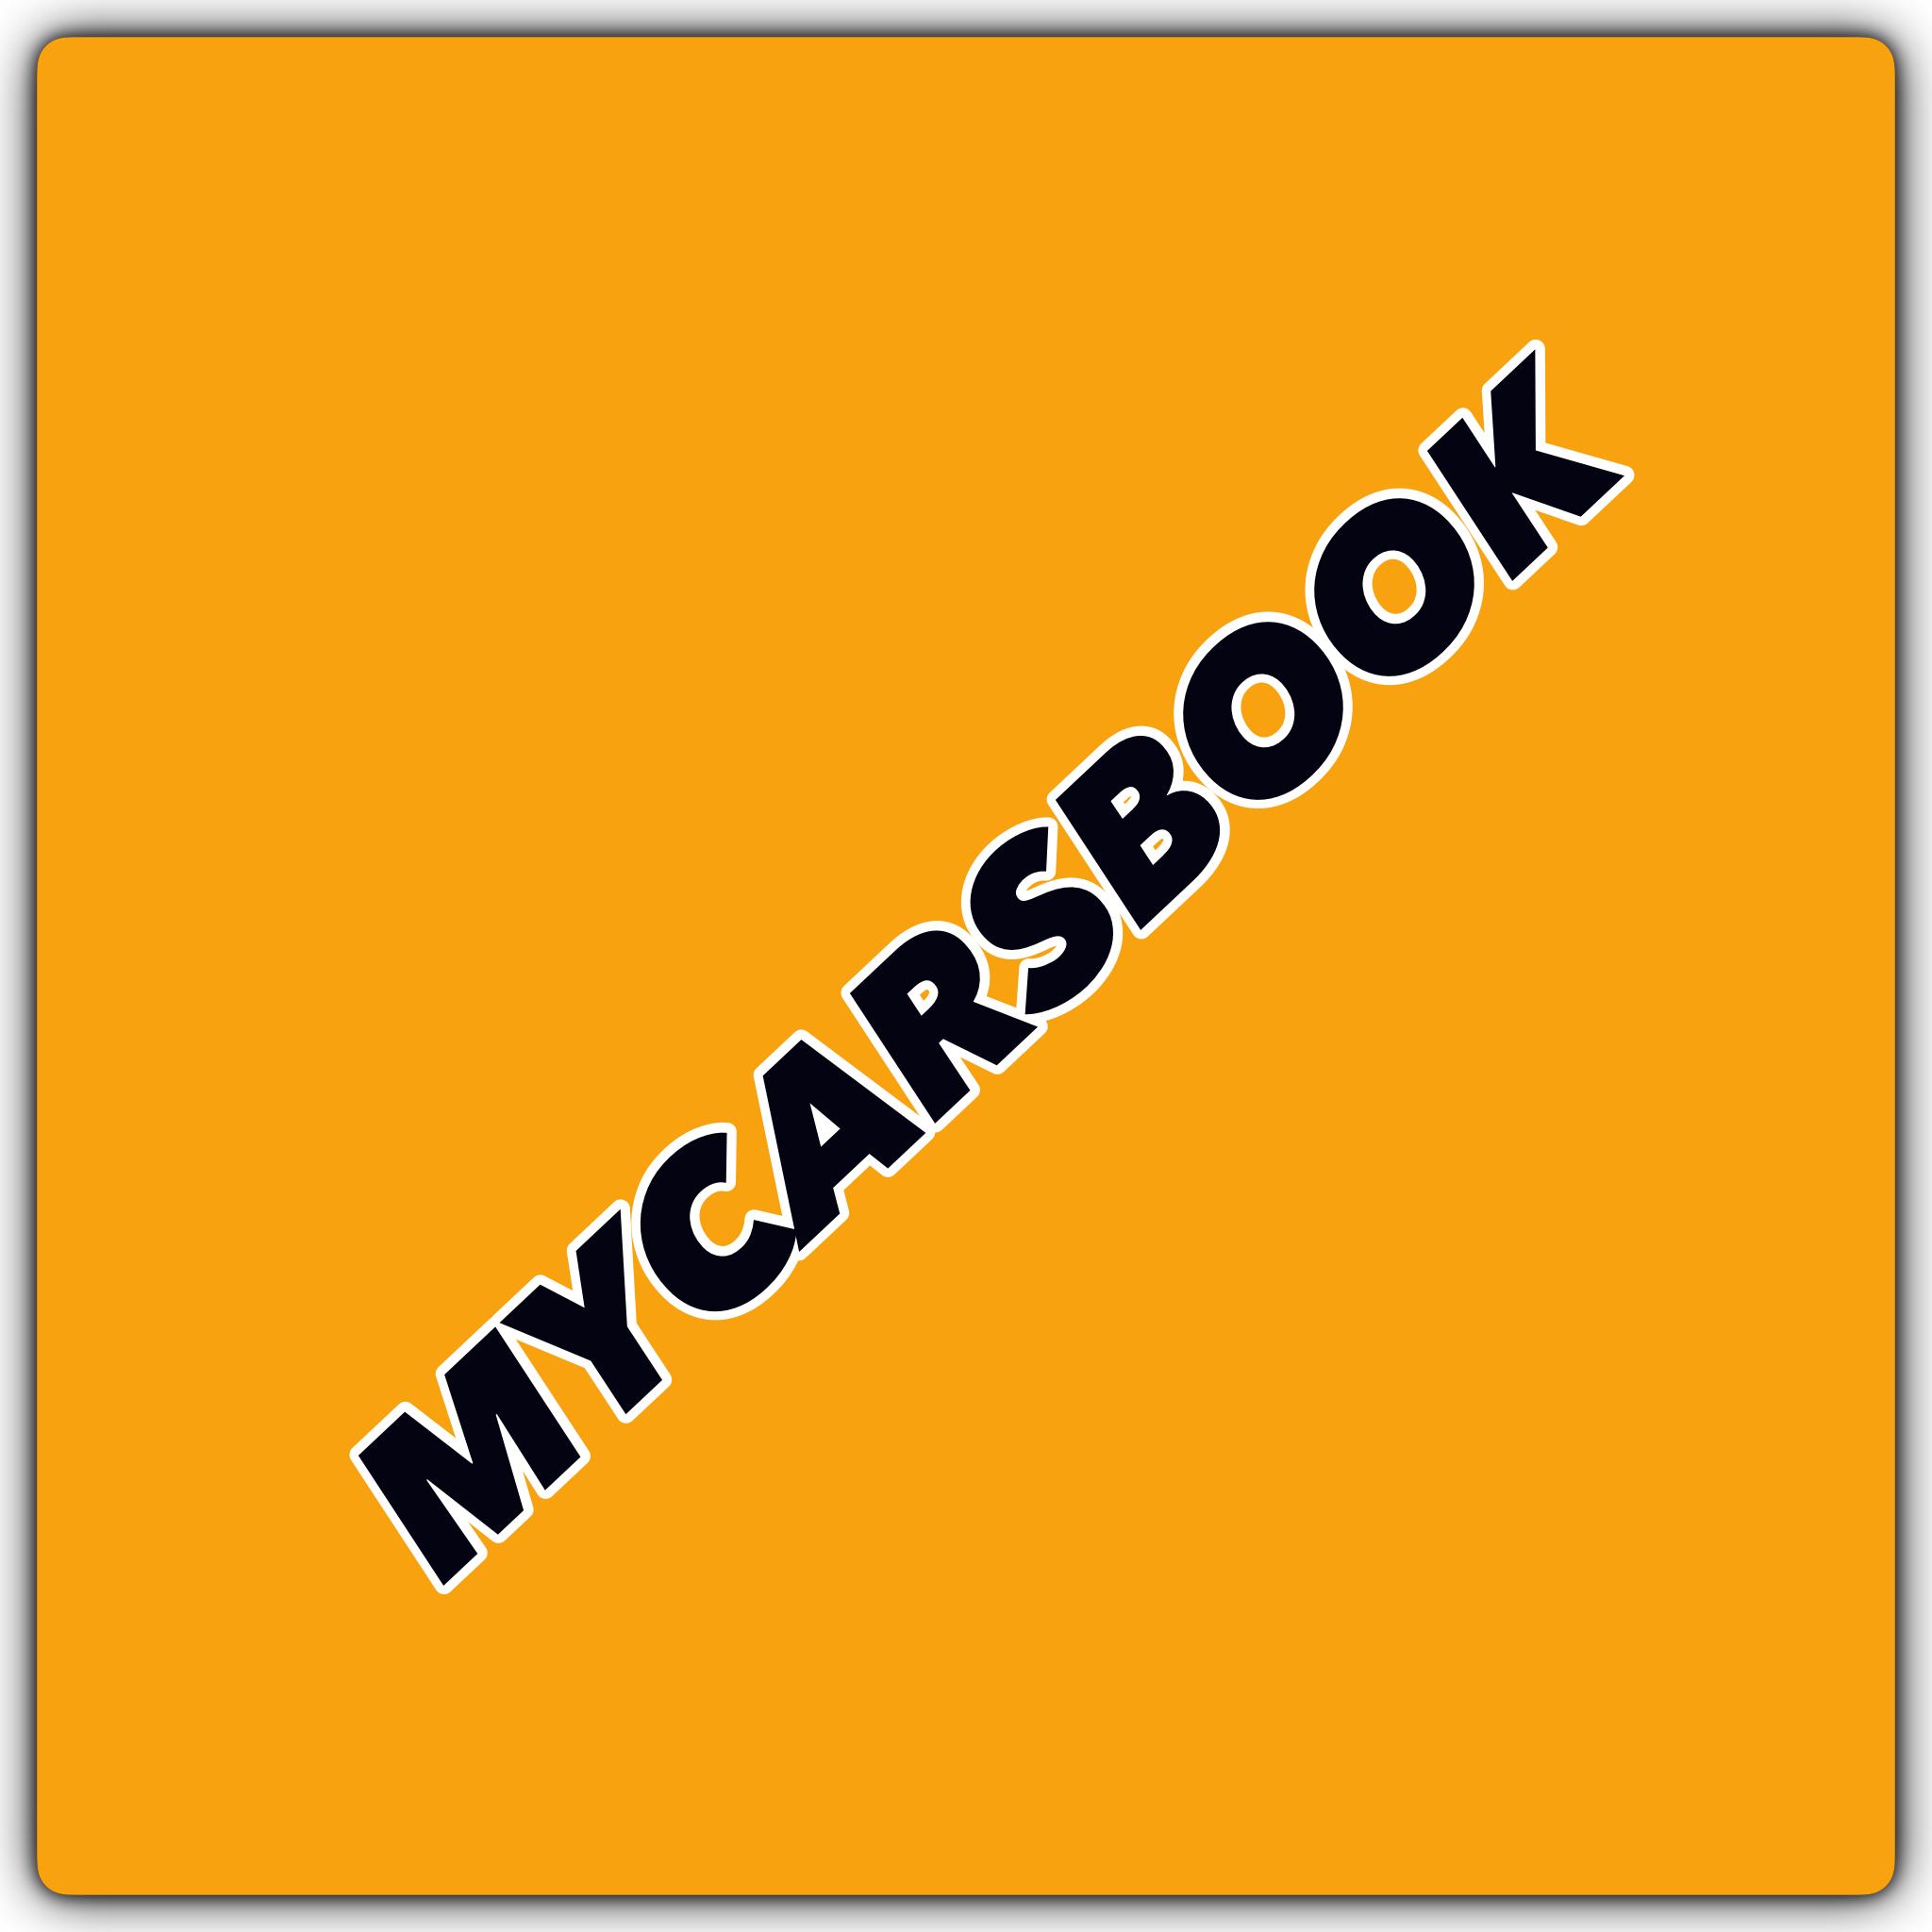 MYCARSBOOK